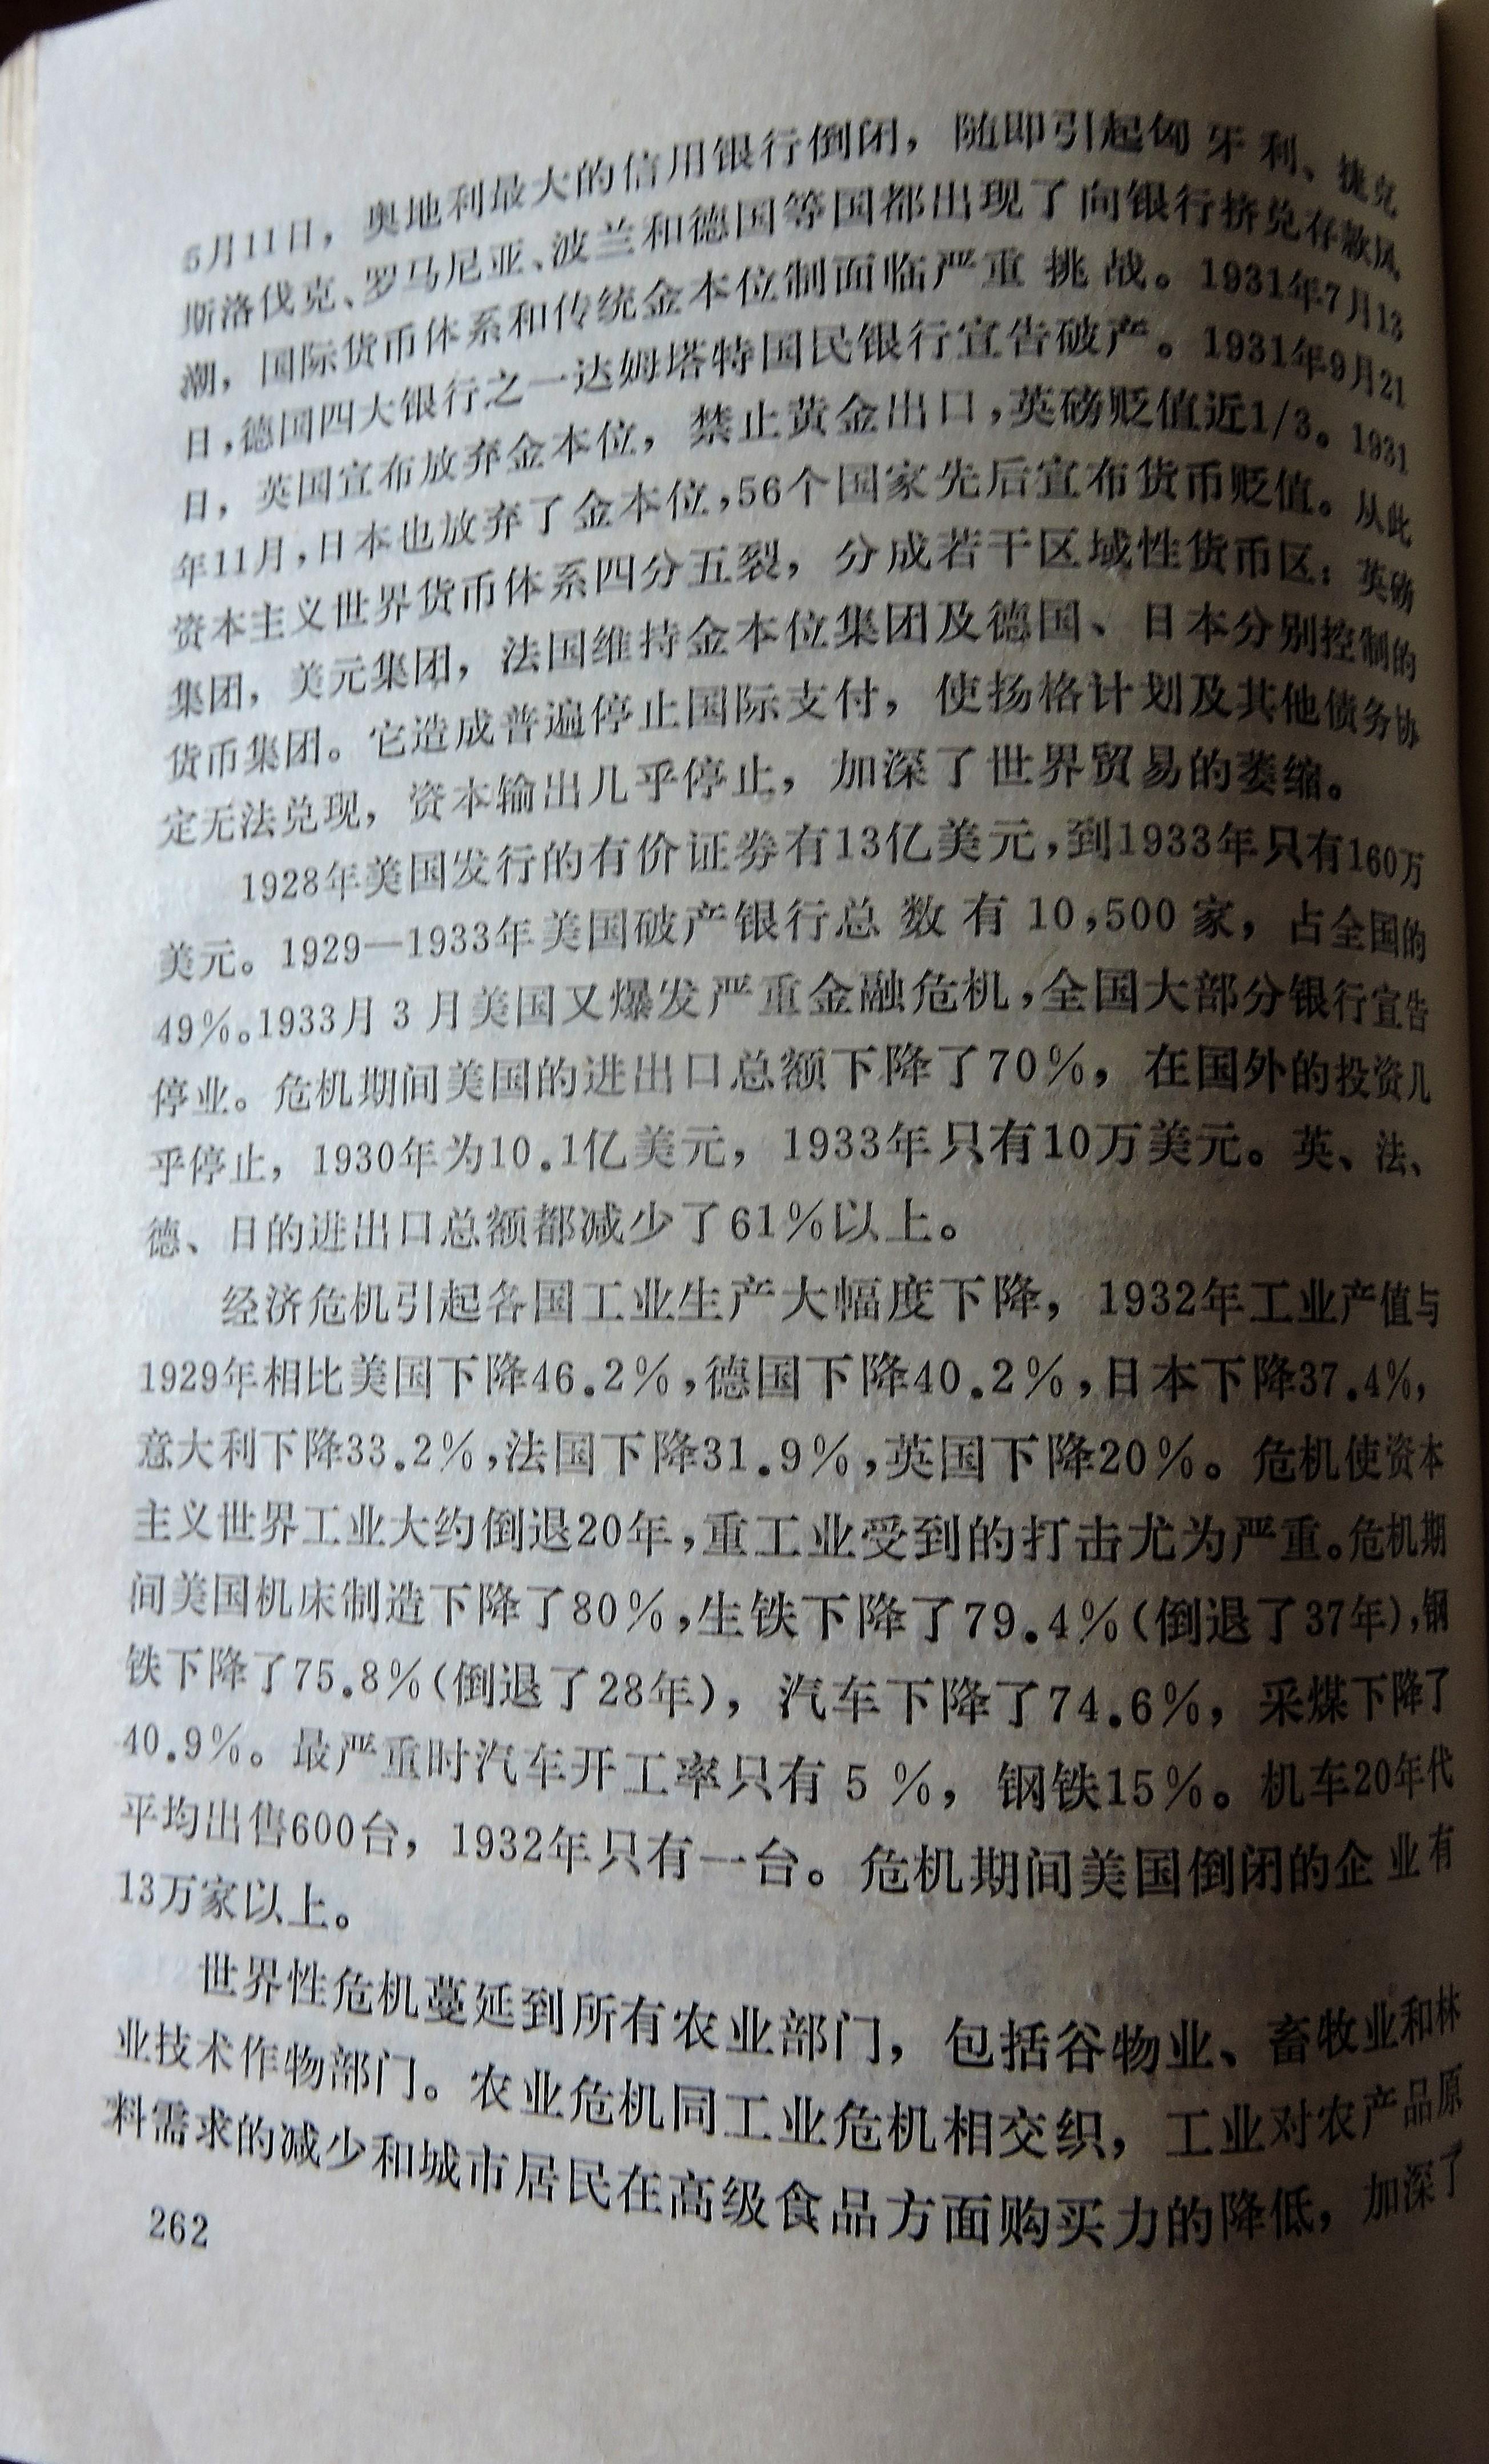 3 DSCN7886.jpg